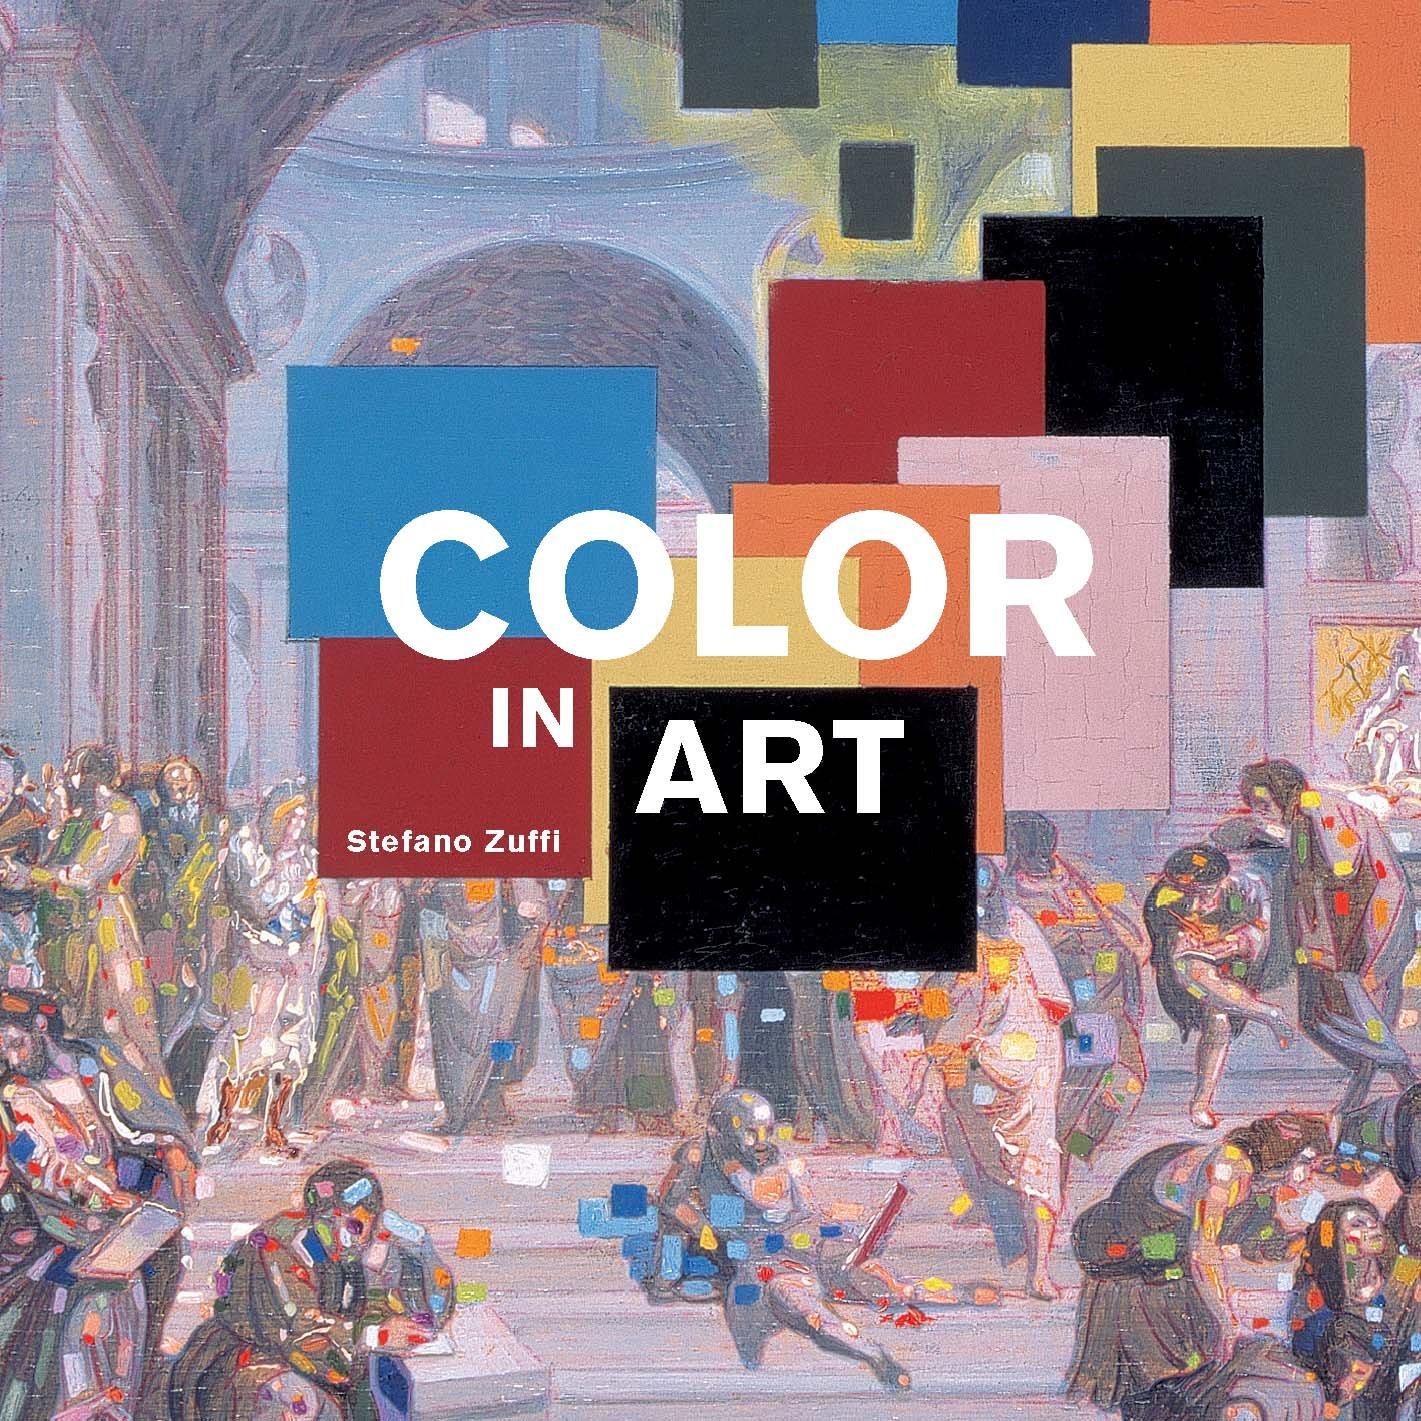 Art color book - Art Color Book 29